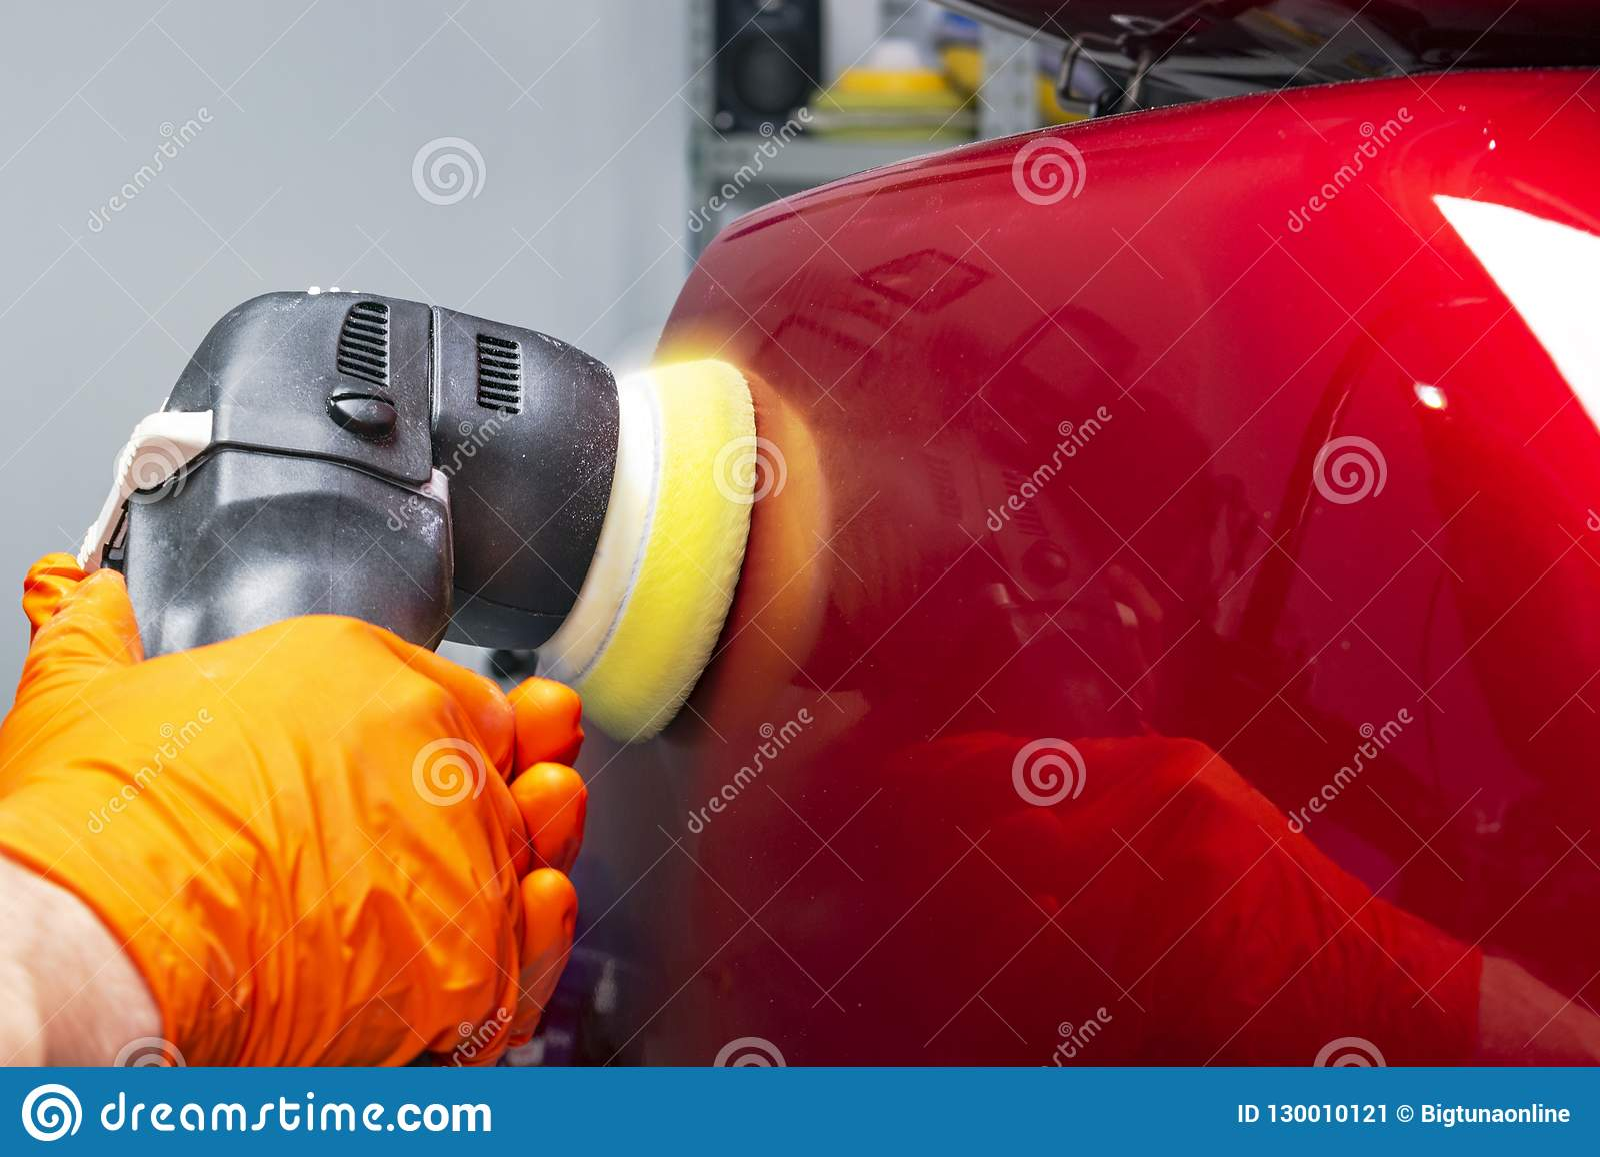 Samochodowy połysku wosku pracownik wręcza stosować ochronnej taśmy przed polerować Buffing samochód i polerujący Samochodowy wys